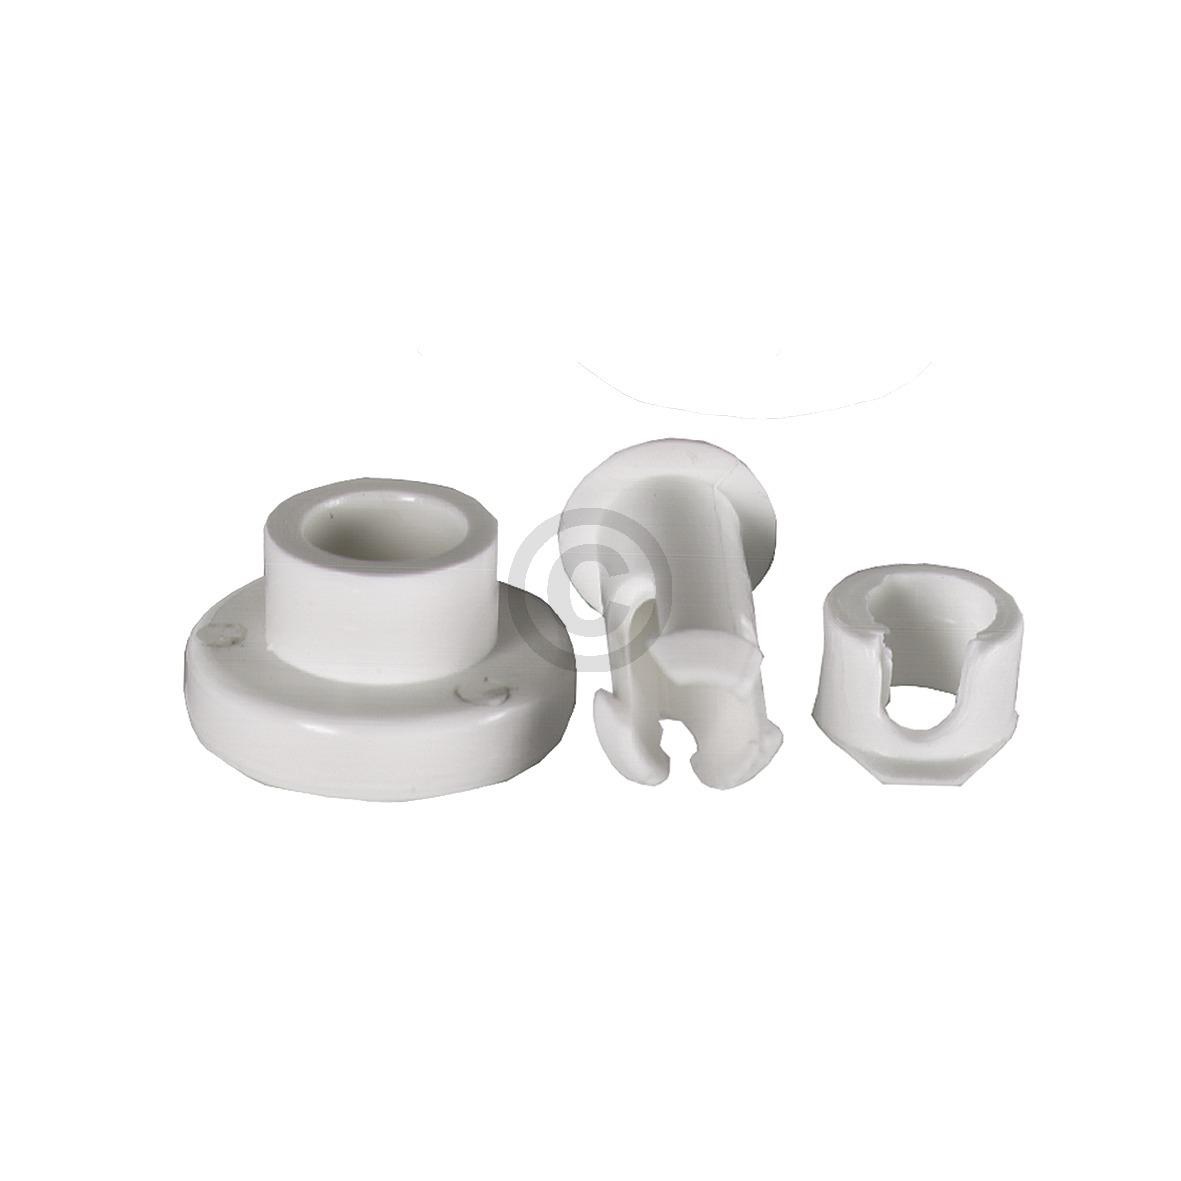 Korbrolle für Oberkorb, klein, 1 Stück 00069667 069667 Bosch, Siemens, Neff